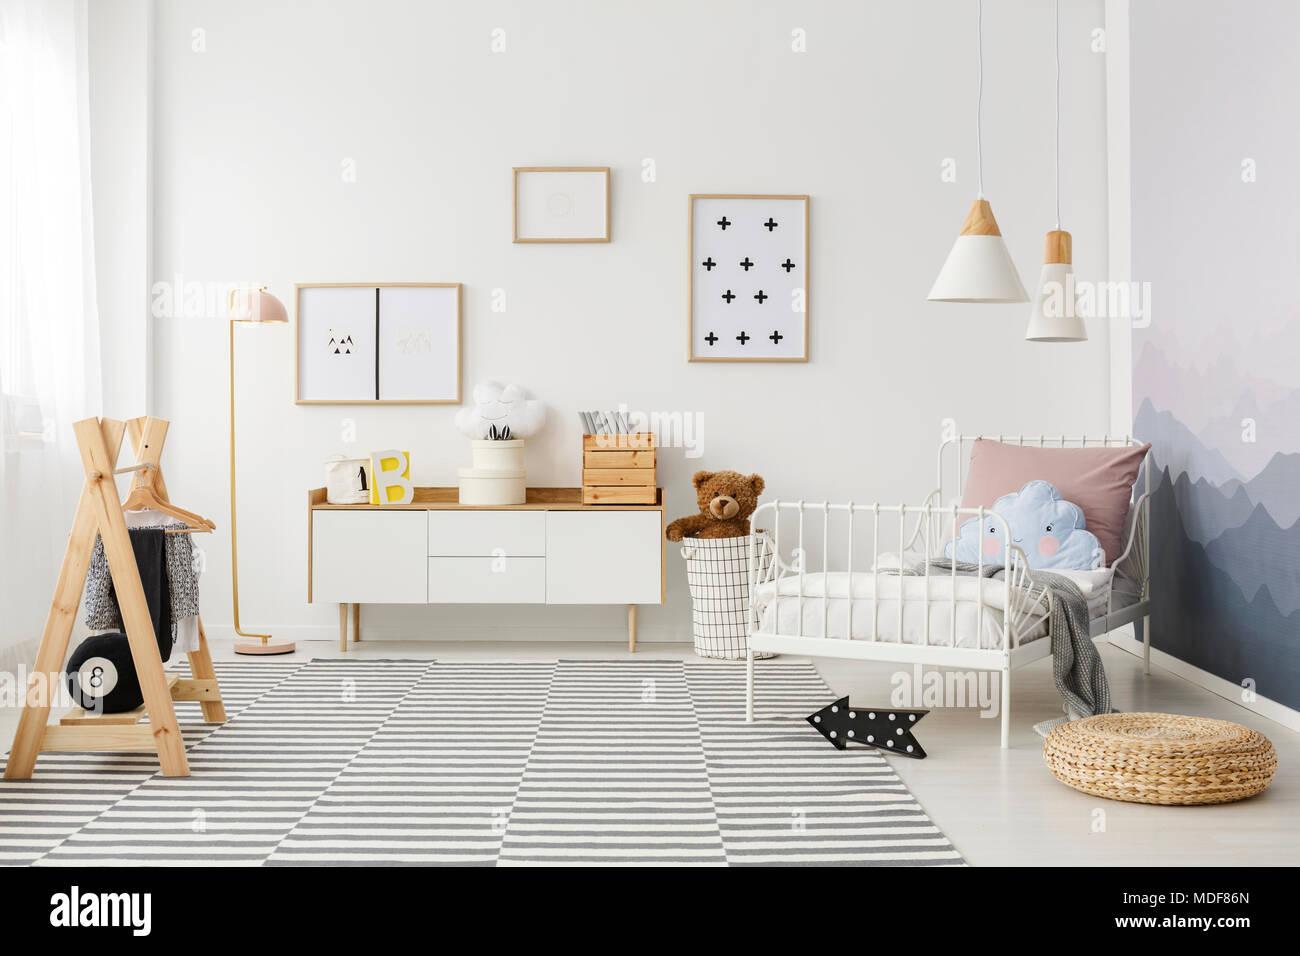 Affiches Simple Accroche Au Mur En Blanc Coucher Enfants